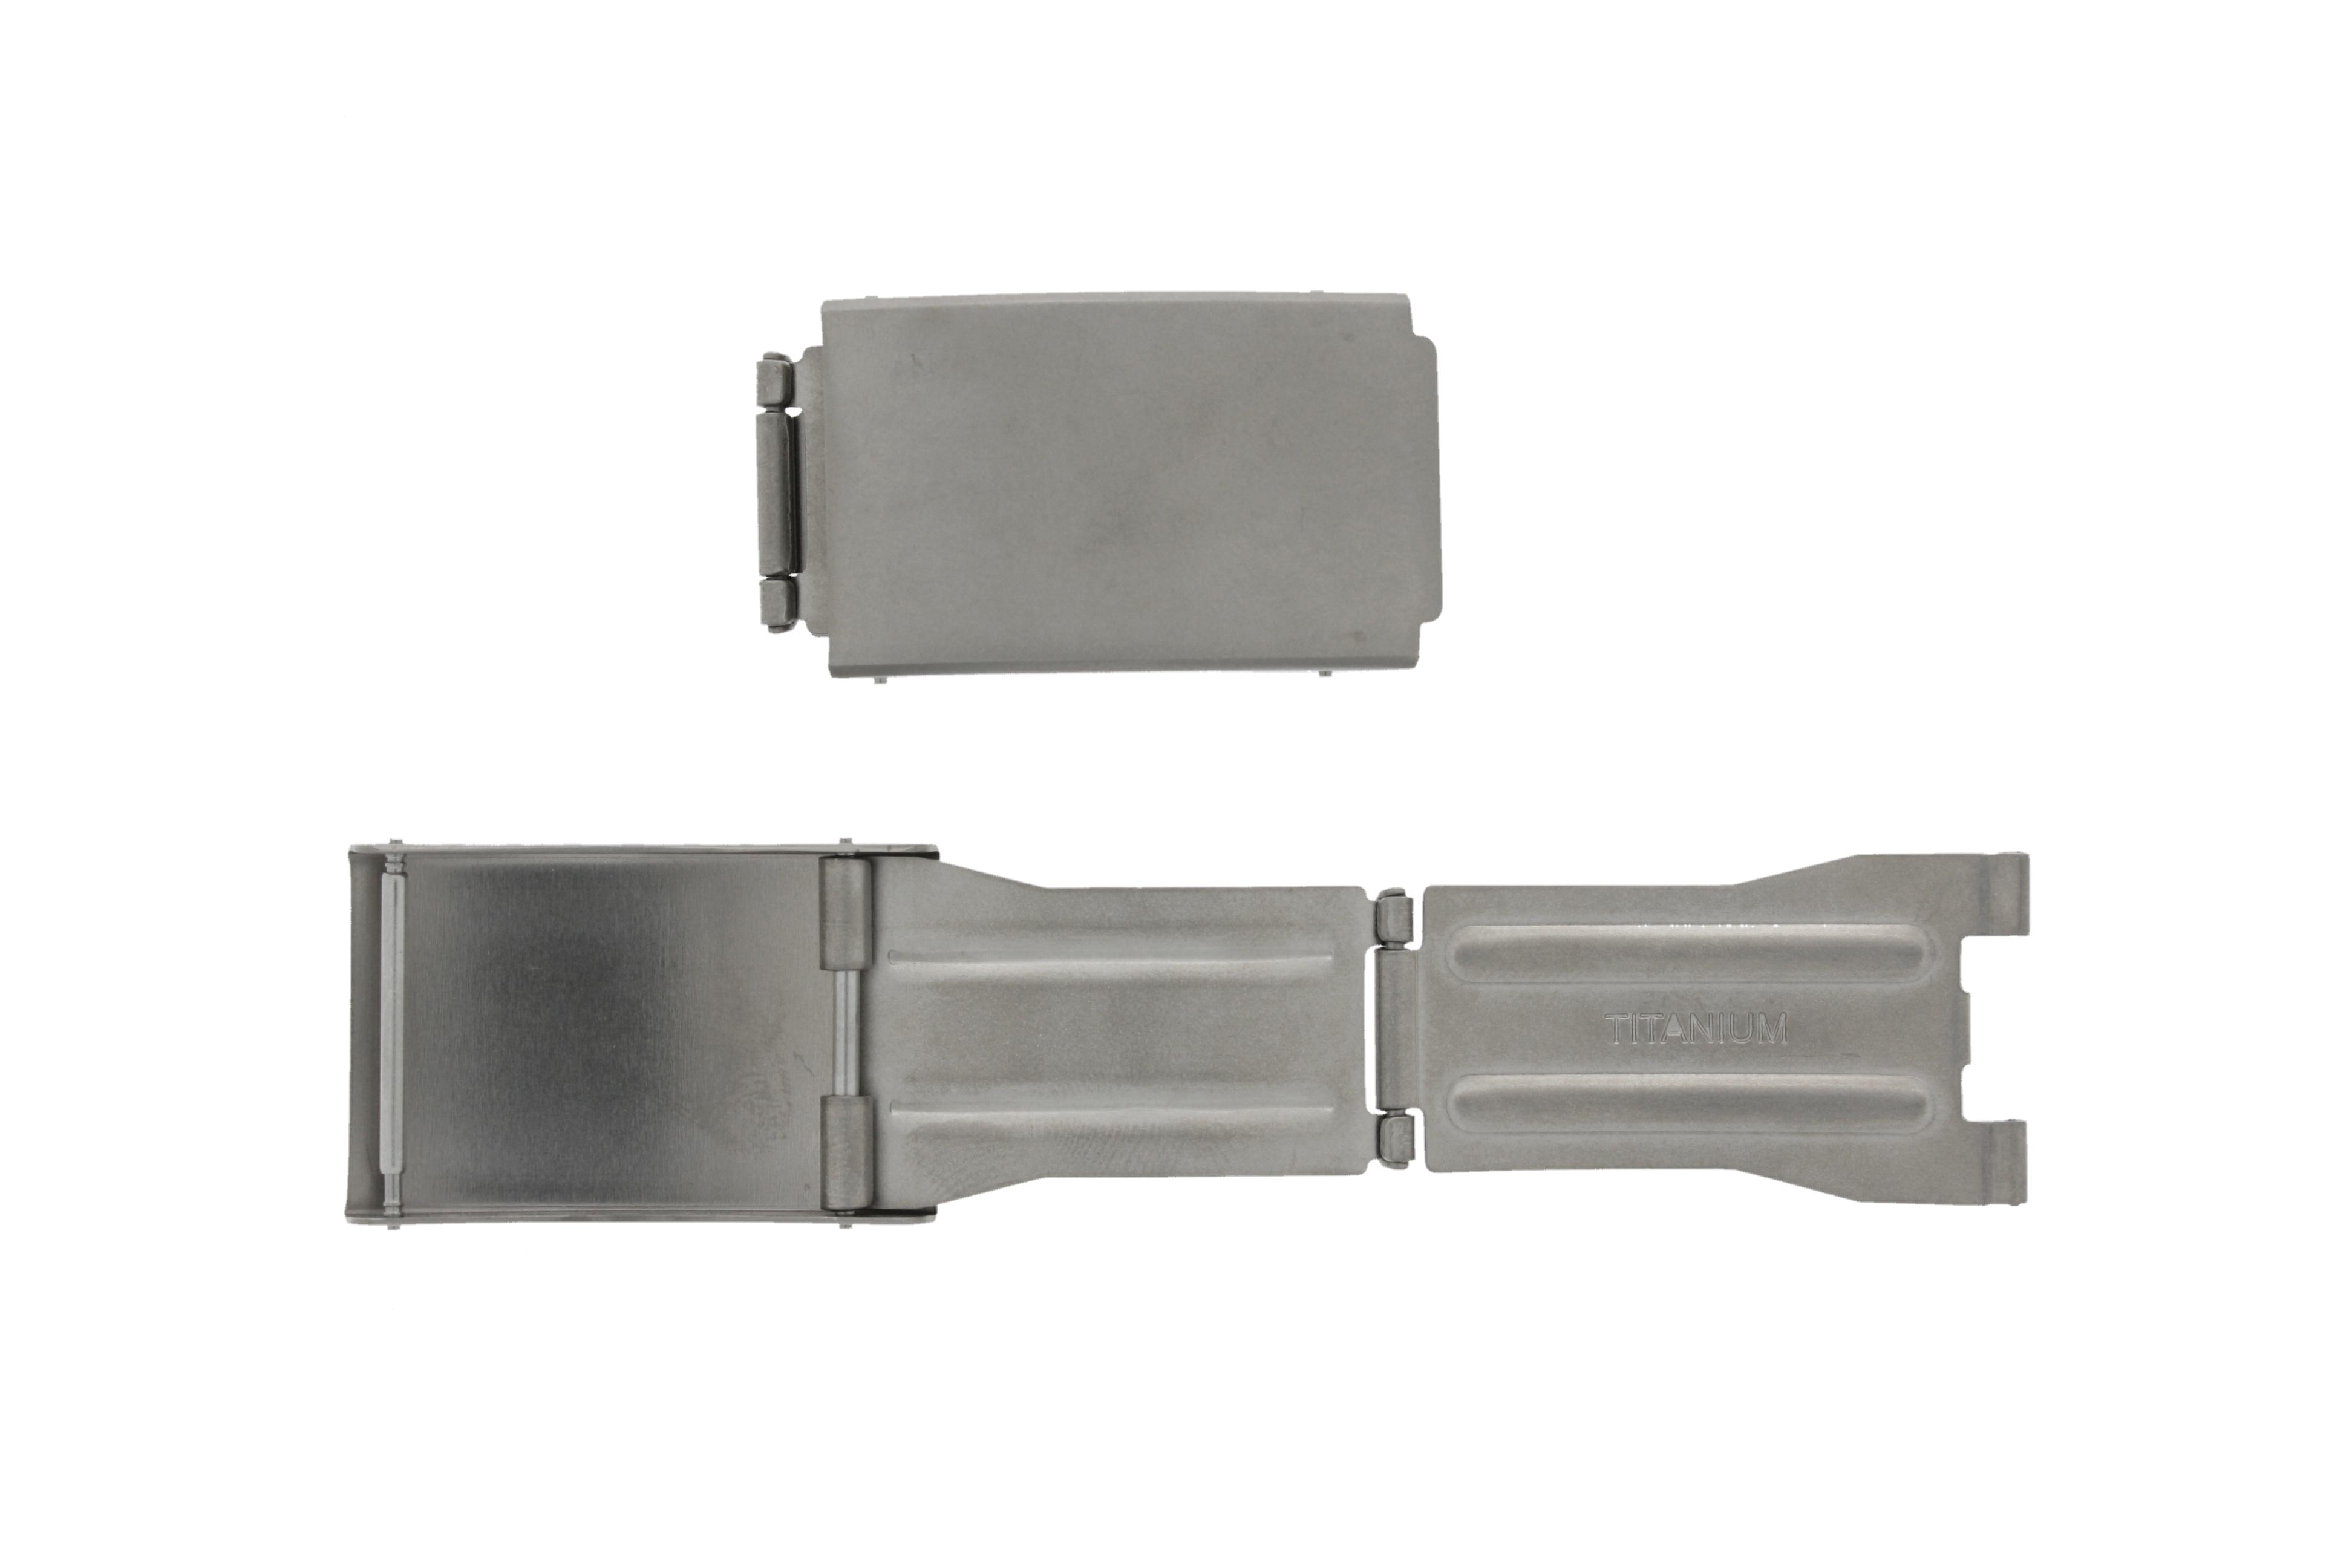 Titanium klapsluiting SL680M 16,18mm